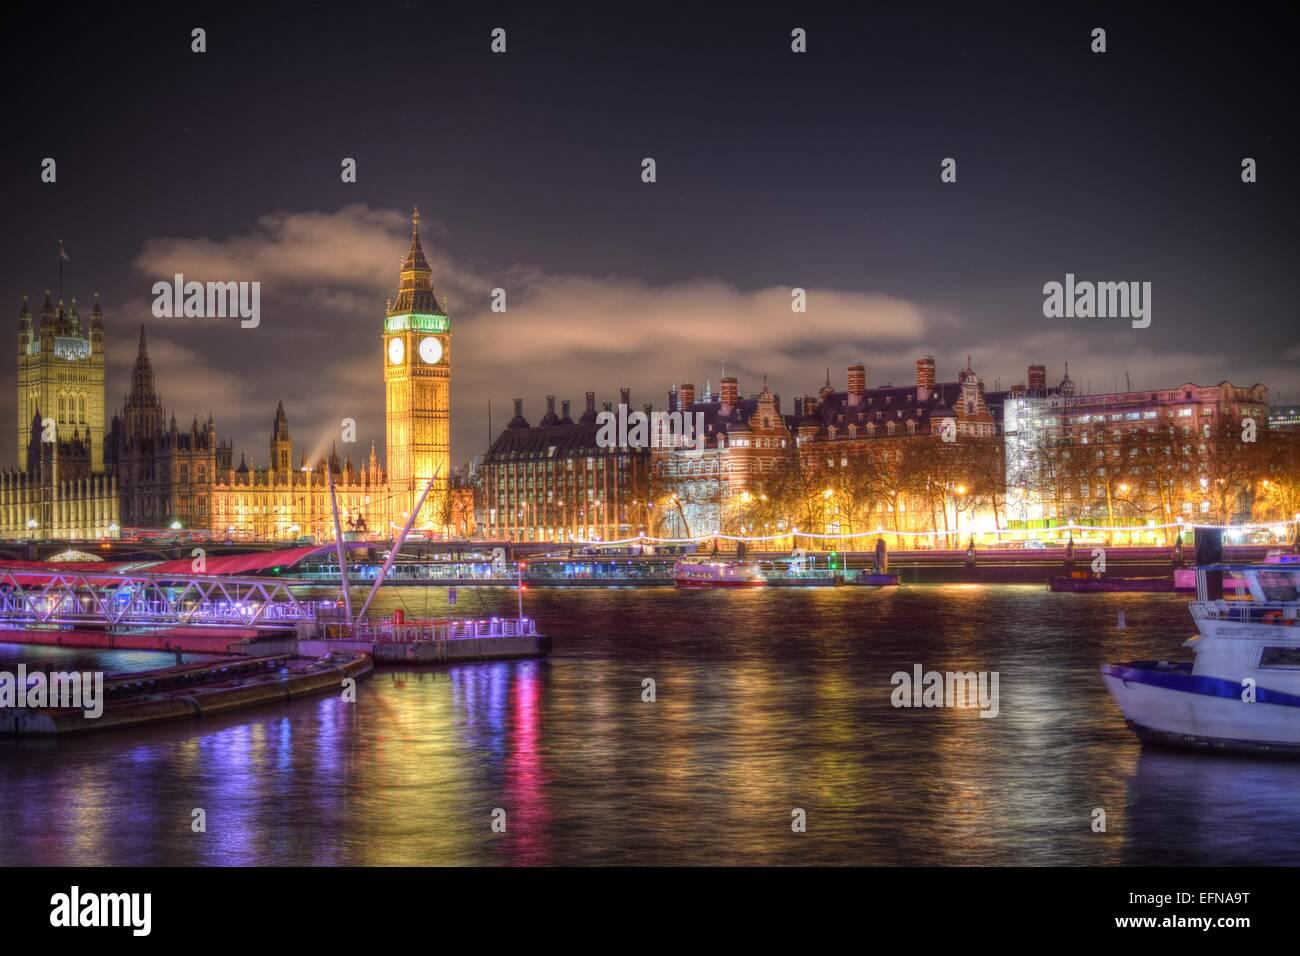 Hohe dynamische Bandbreite von Londons Embankmen, Big Ben und das Houses of Parliament. Stockbild